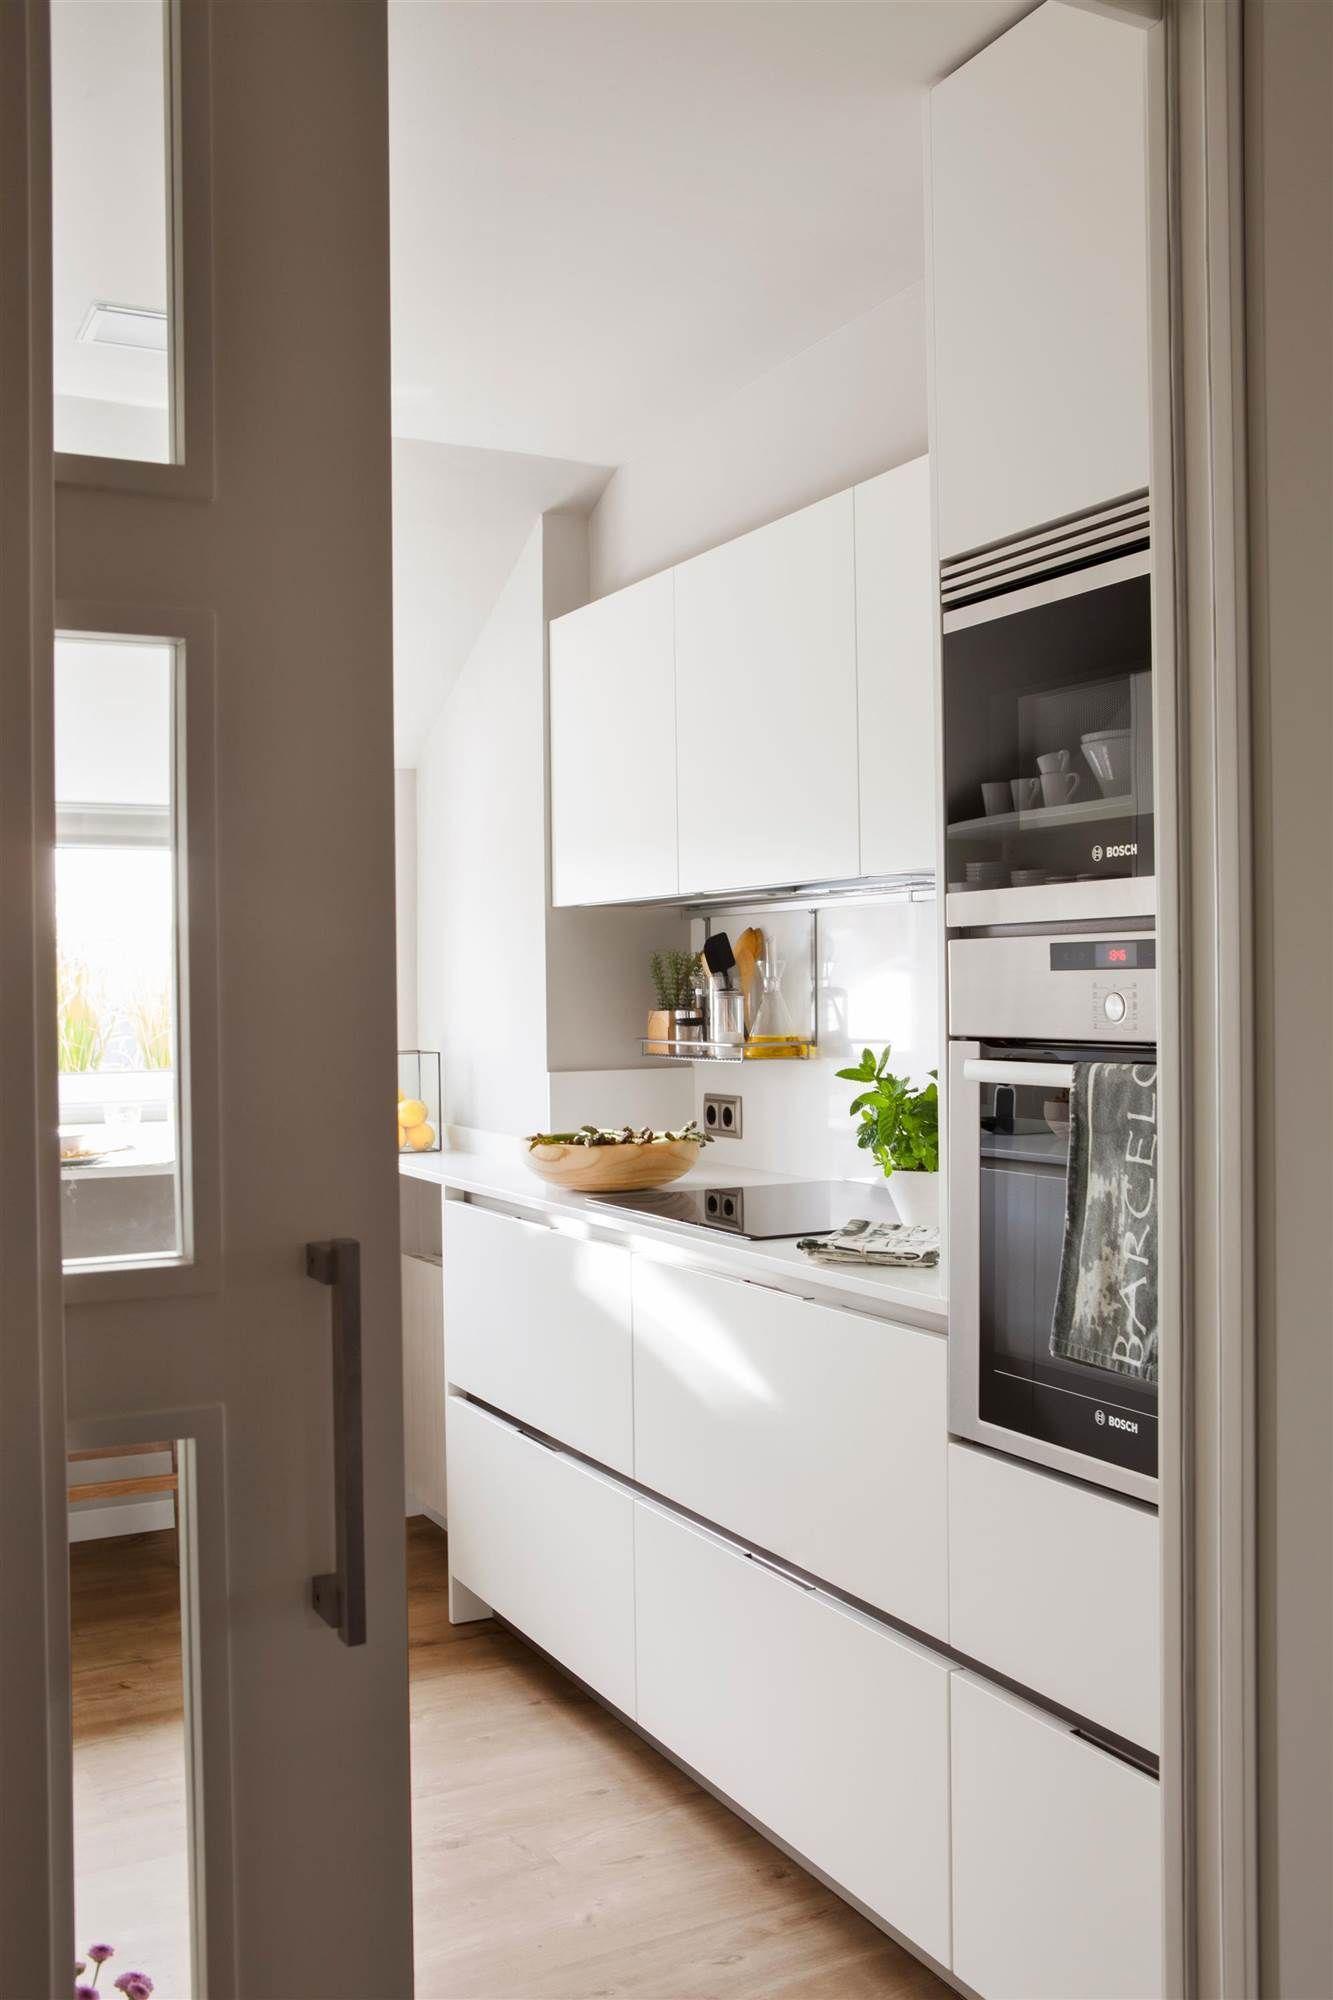 Cocina abierta o cerrada | My style | Pinterest | Cocinas abiertas ...